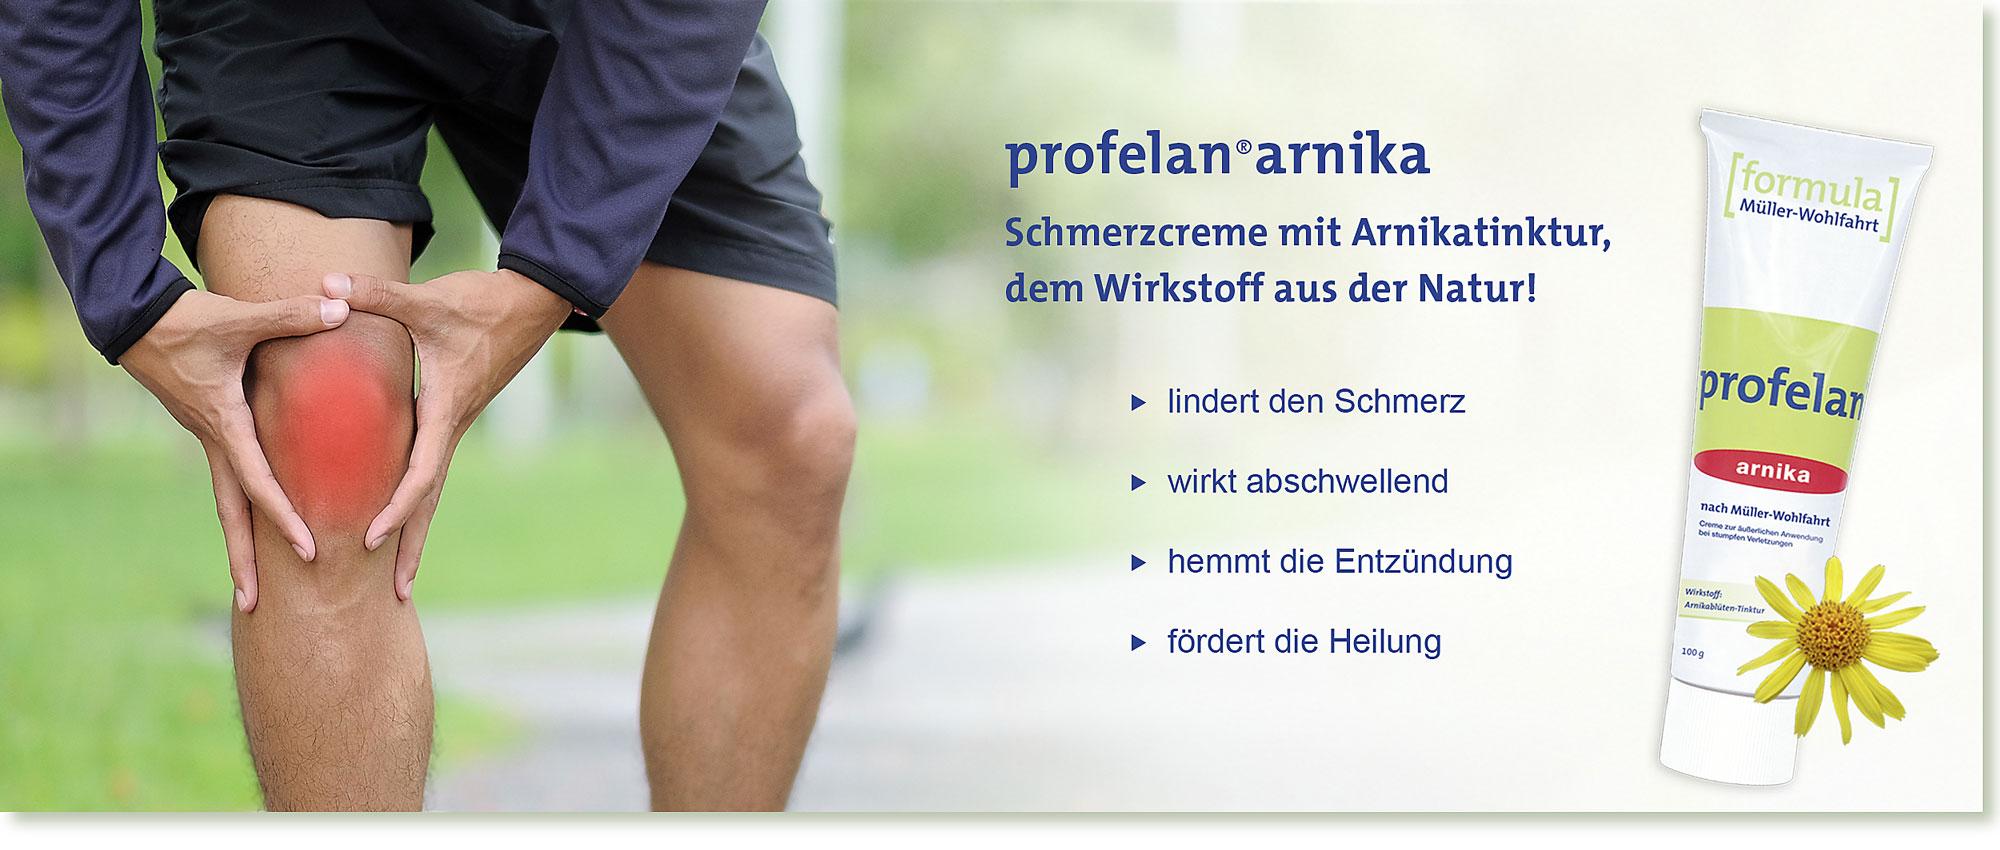 Head Image PROFELAN-Arnika | Jogging